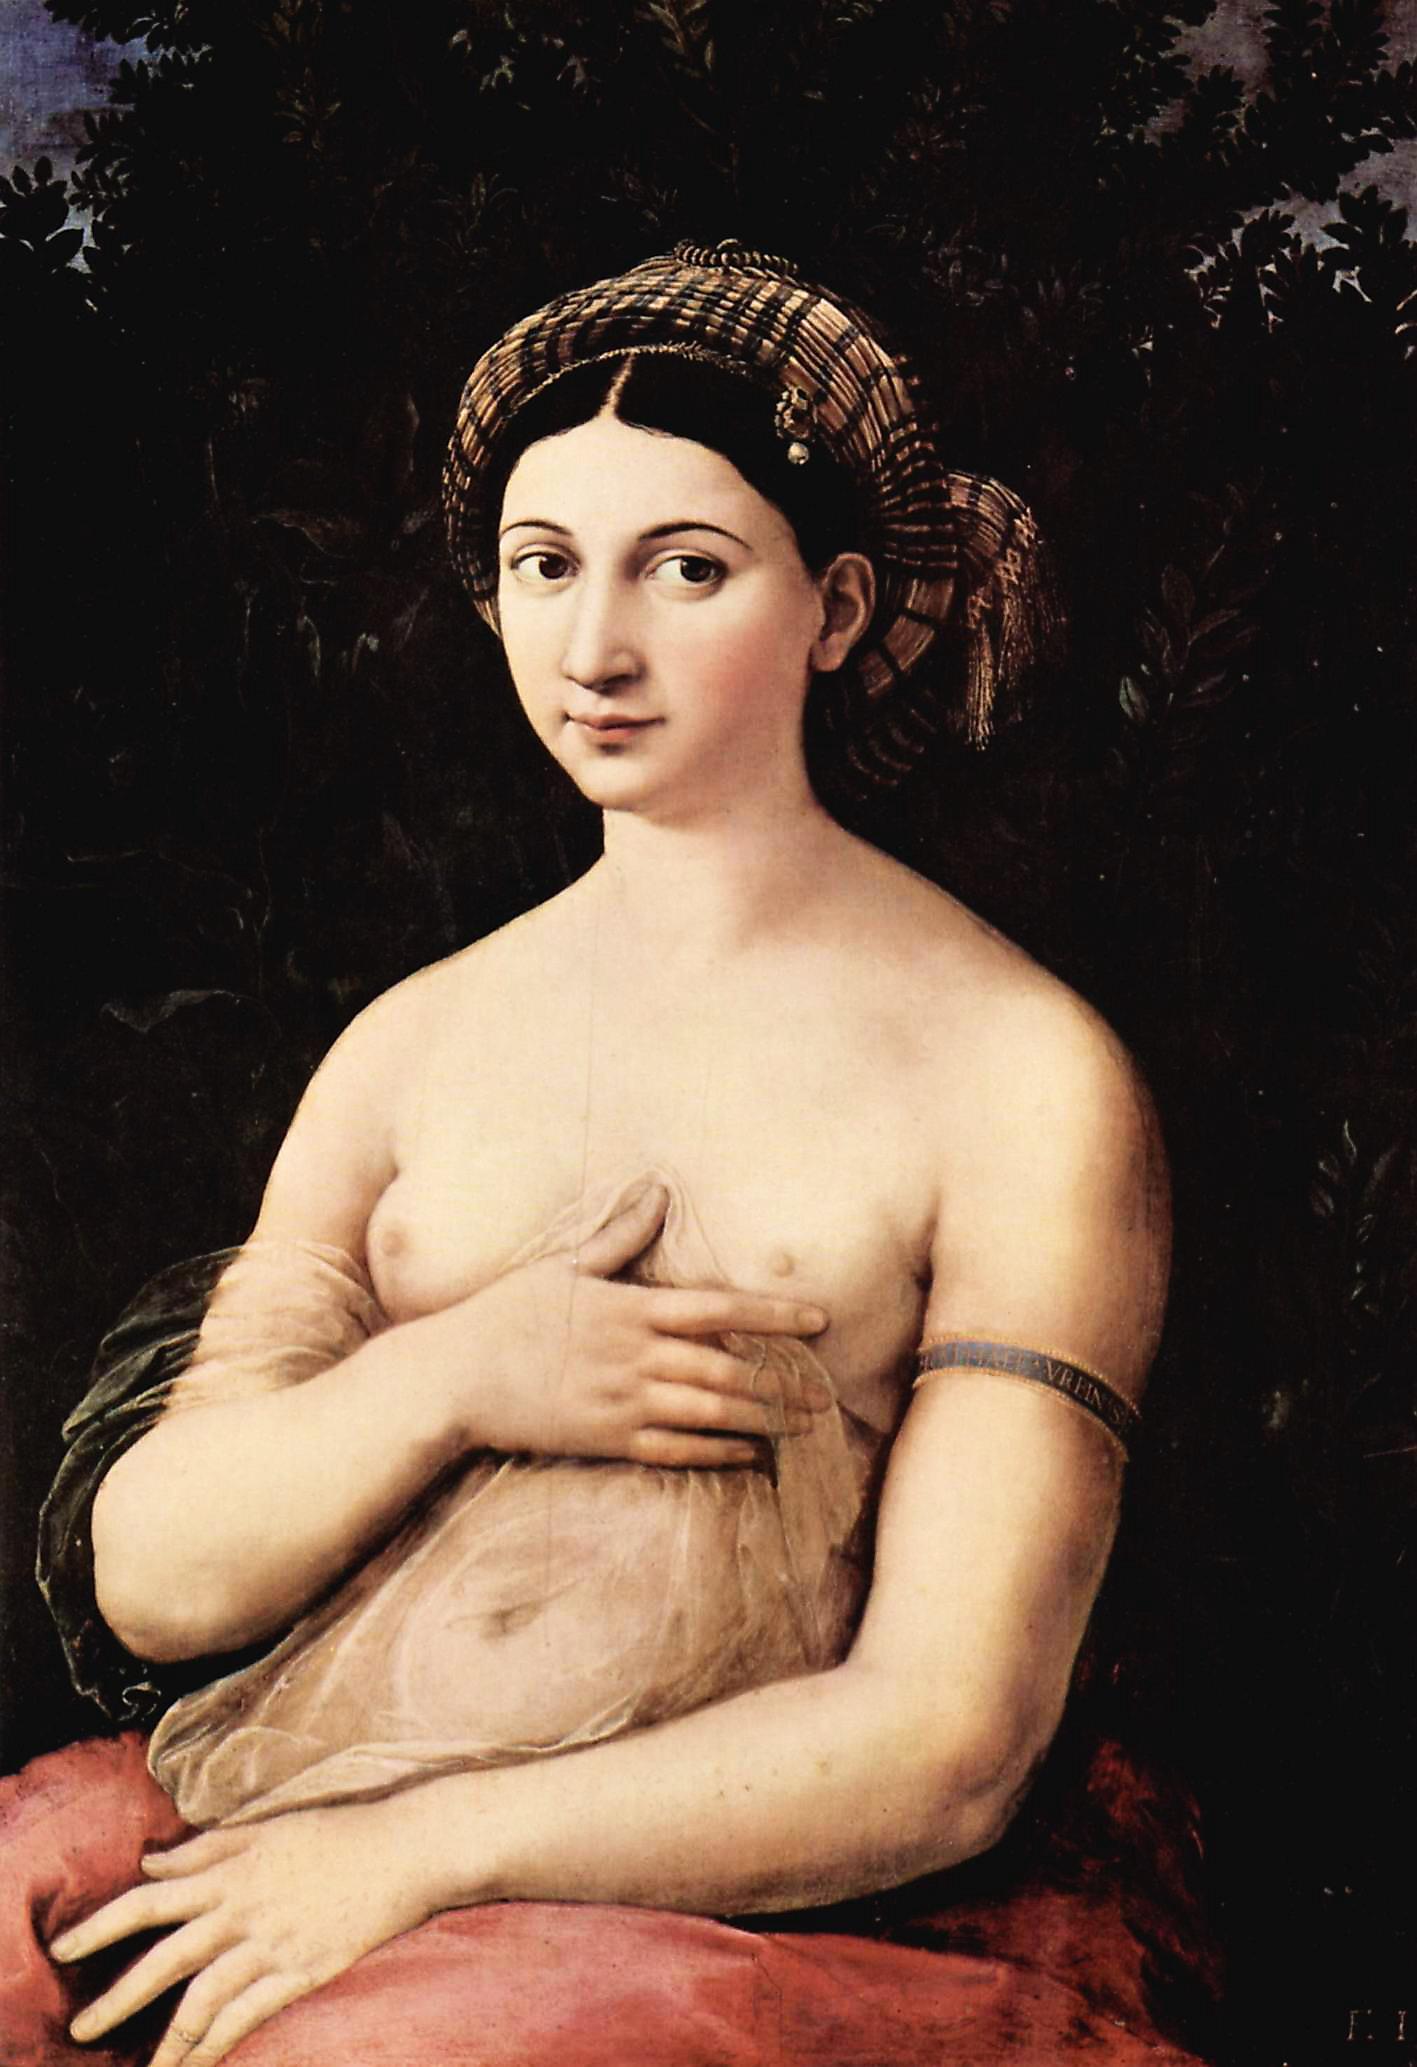 Толстые женщины фото галереи 1 фотография